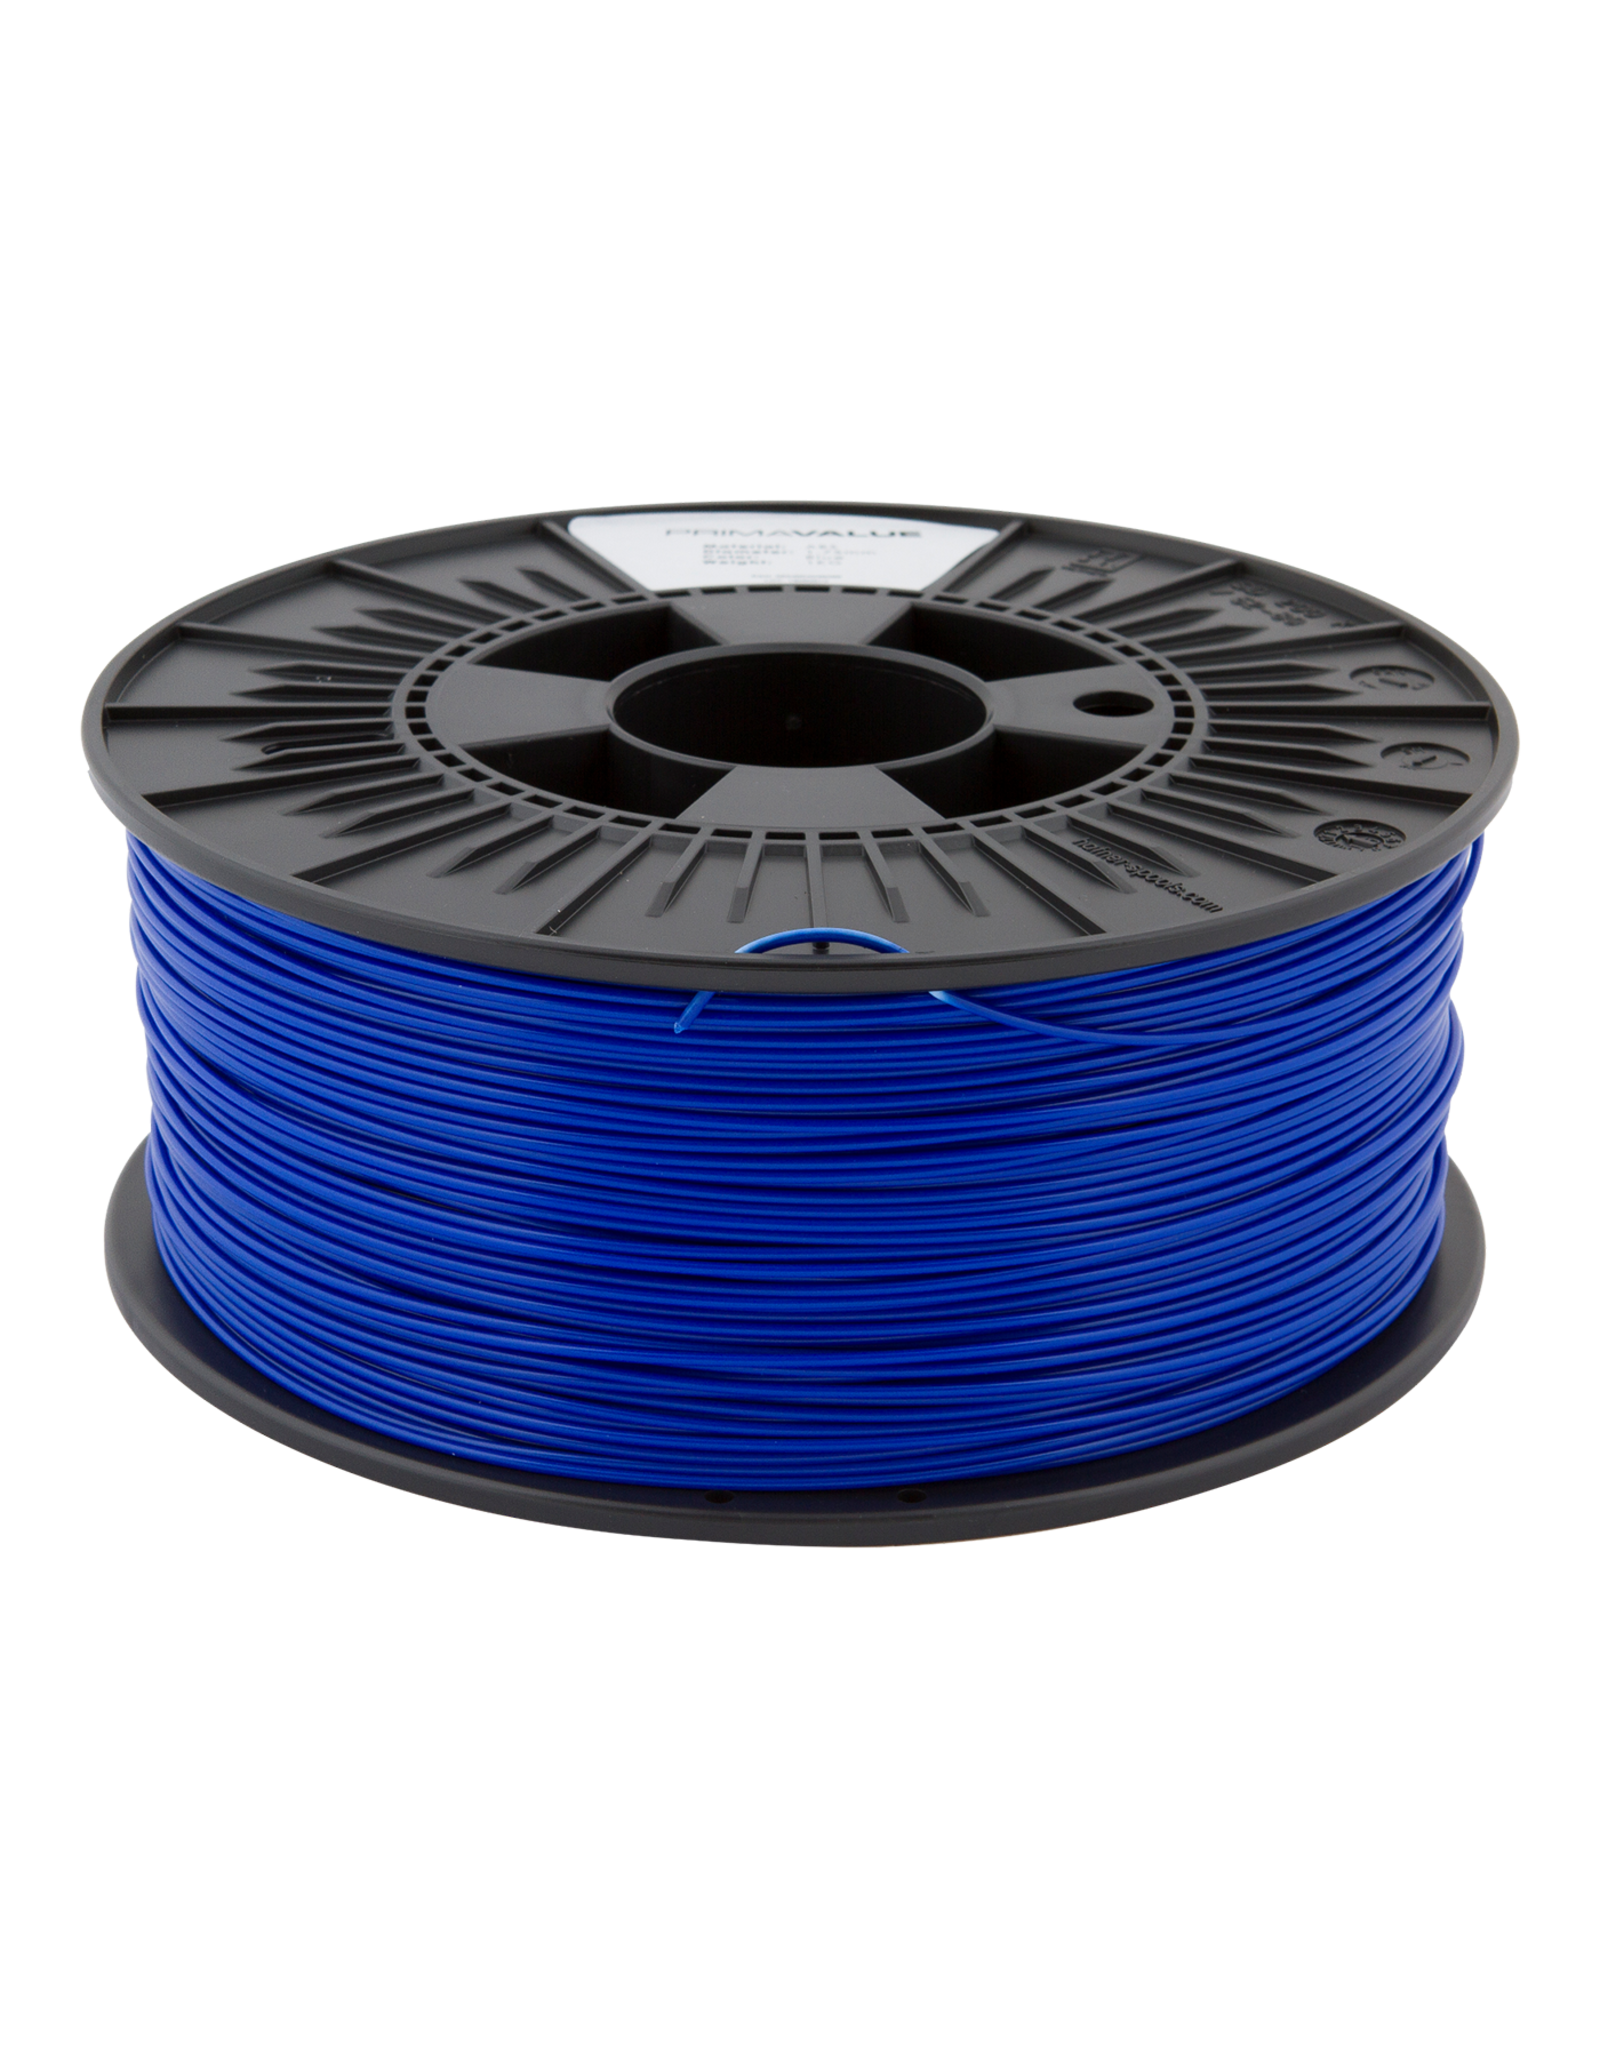 Prima PrimaValue ABS Filament - 1.75mm - 1 kg - Blauw